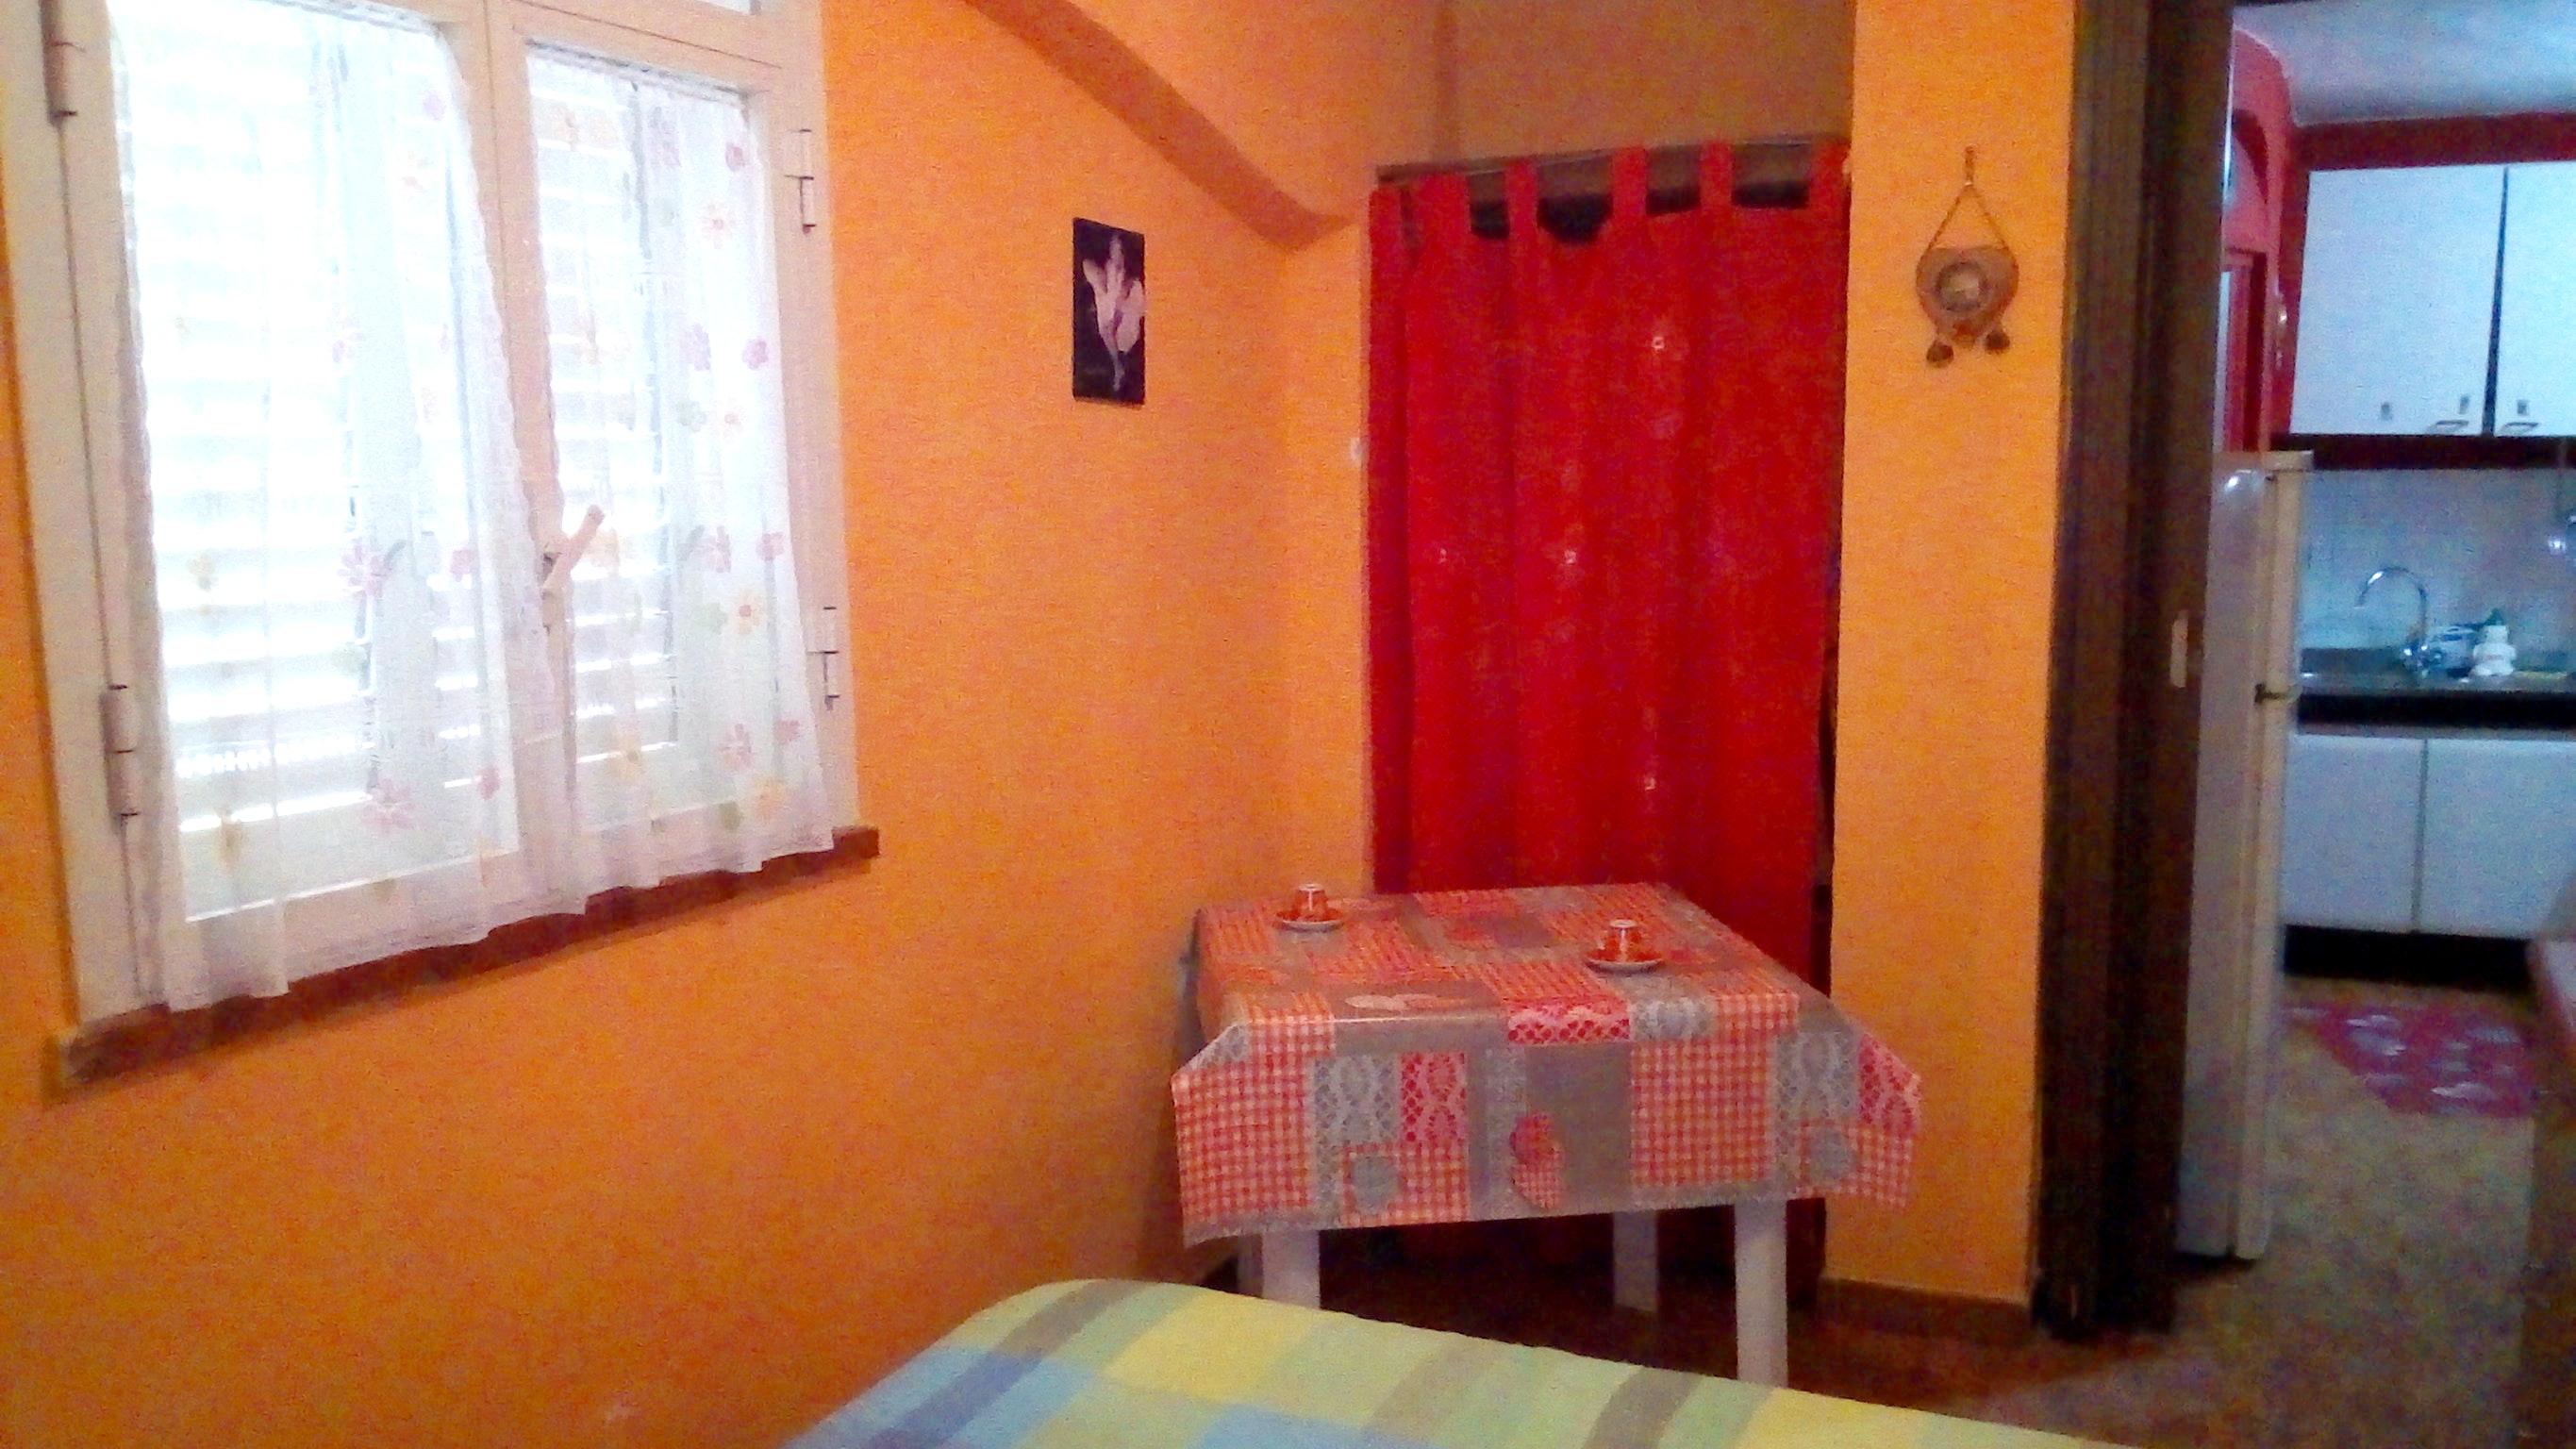 Appartement de vacances Studio in Cicirata mit herrlichem Meerblick, Pool, eingezäuntem Garten - 50 m vom Strand e (2339675), Avola, Siracusa, Sicile, Italie, image 11